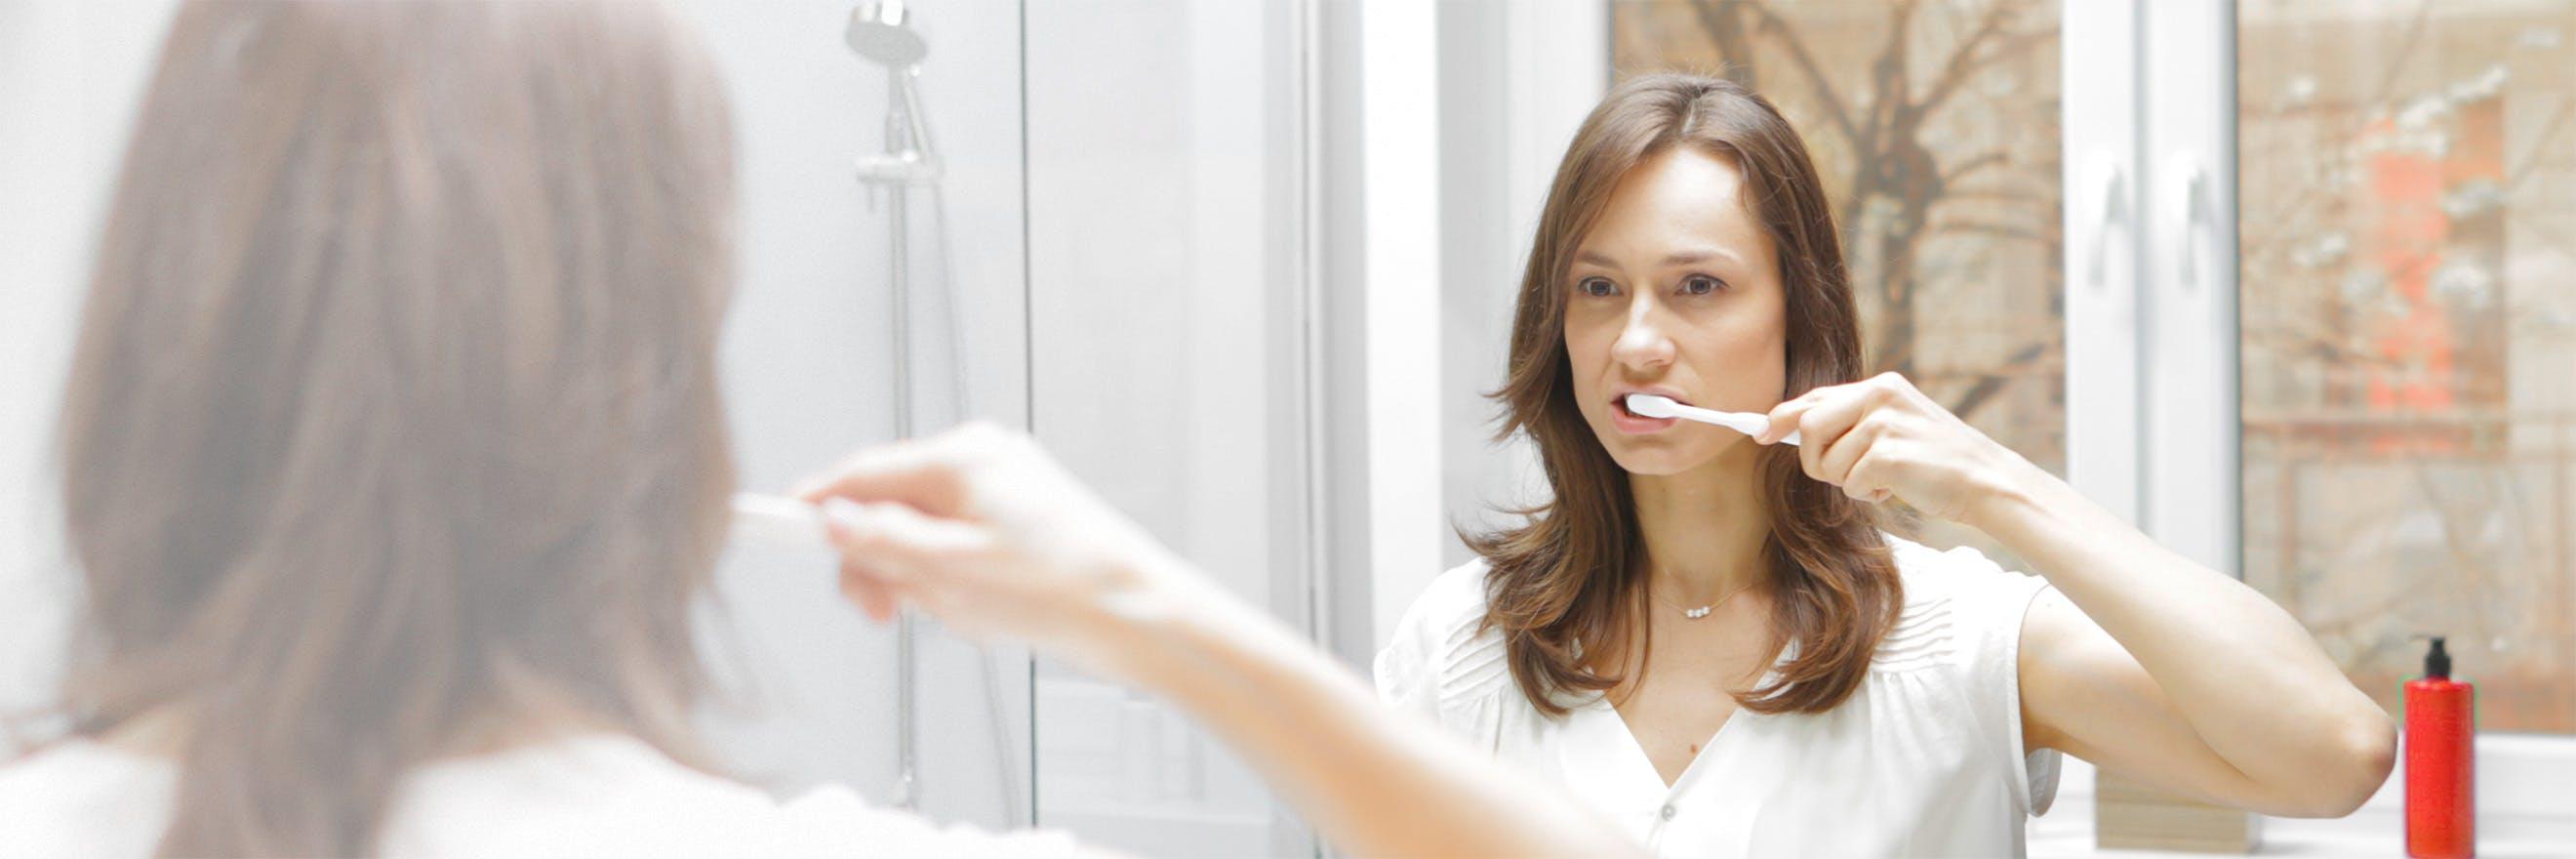 ผู้หญิงถือแปรงสีฟัน